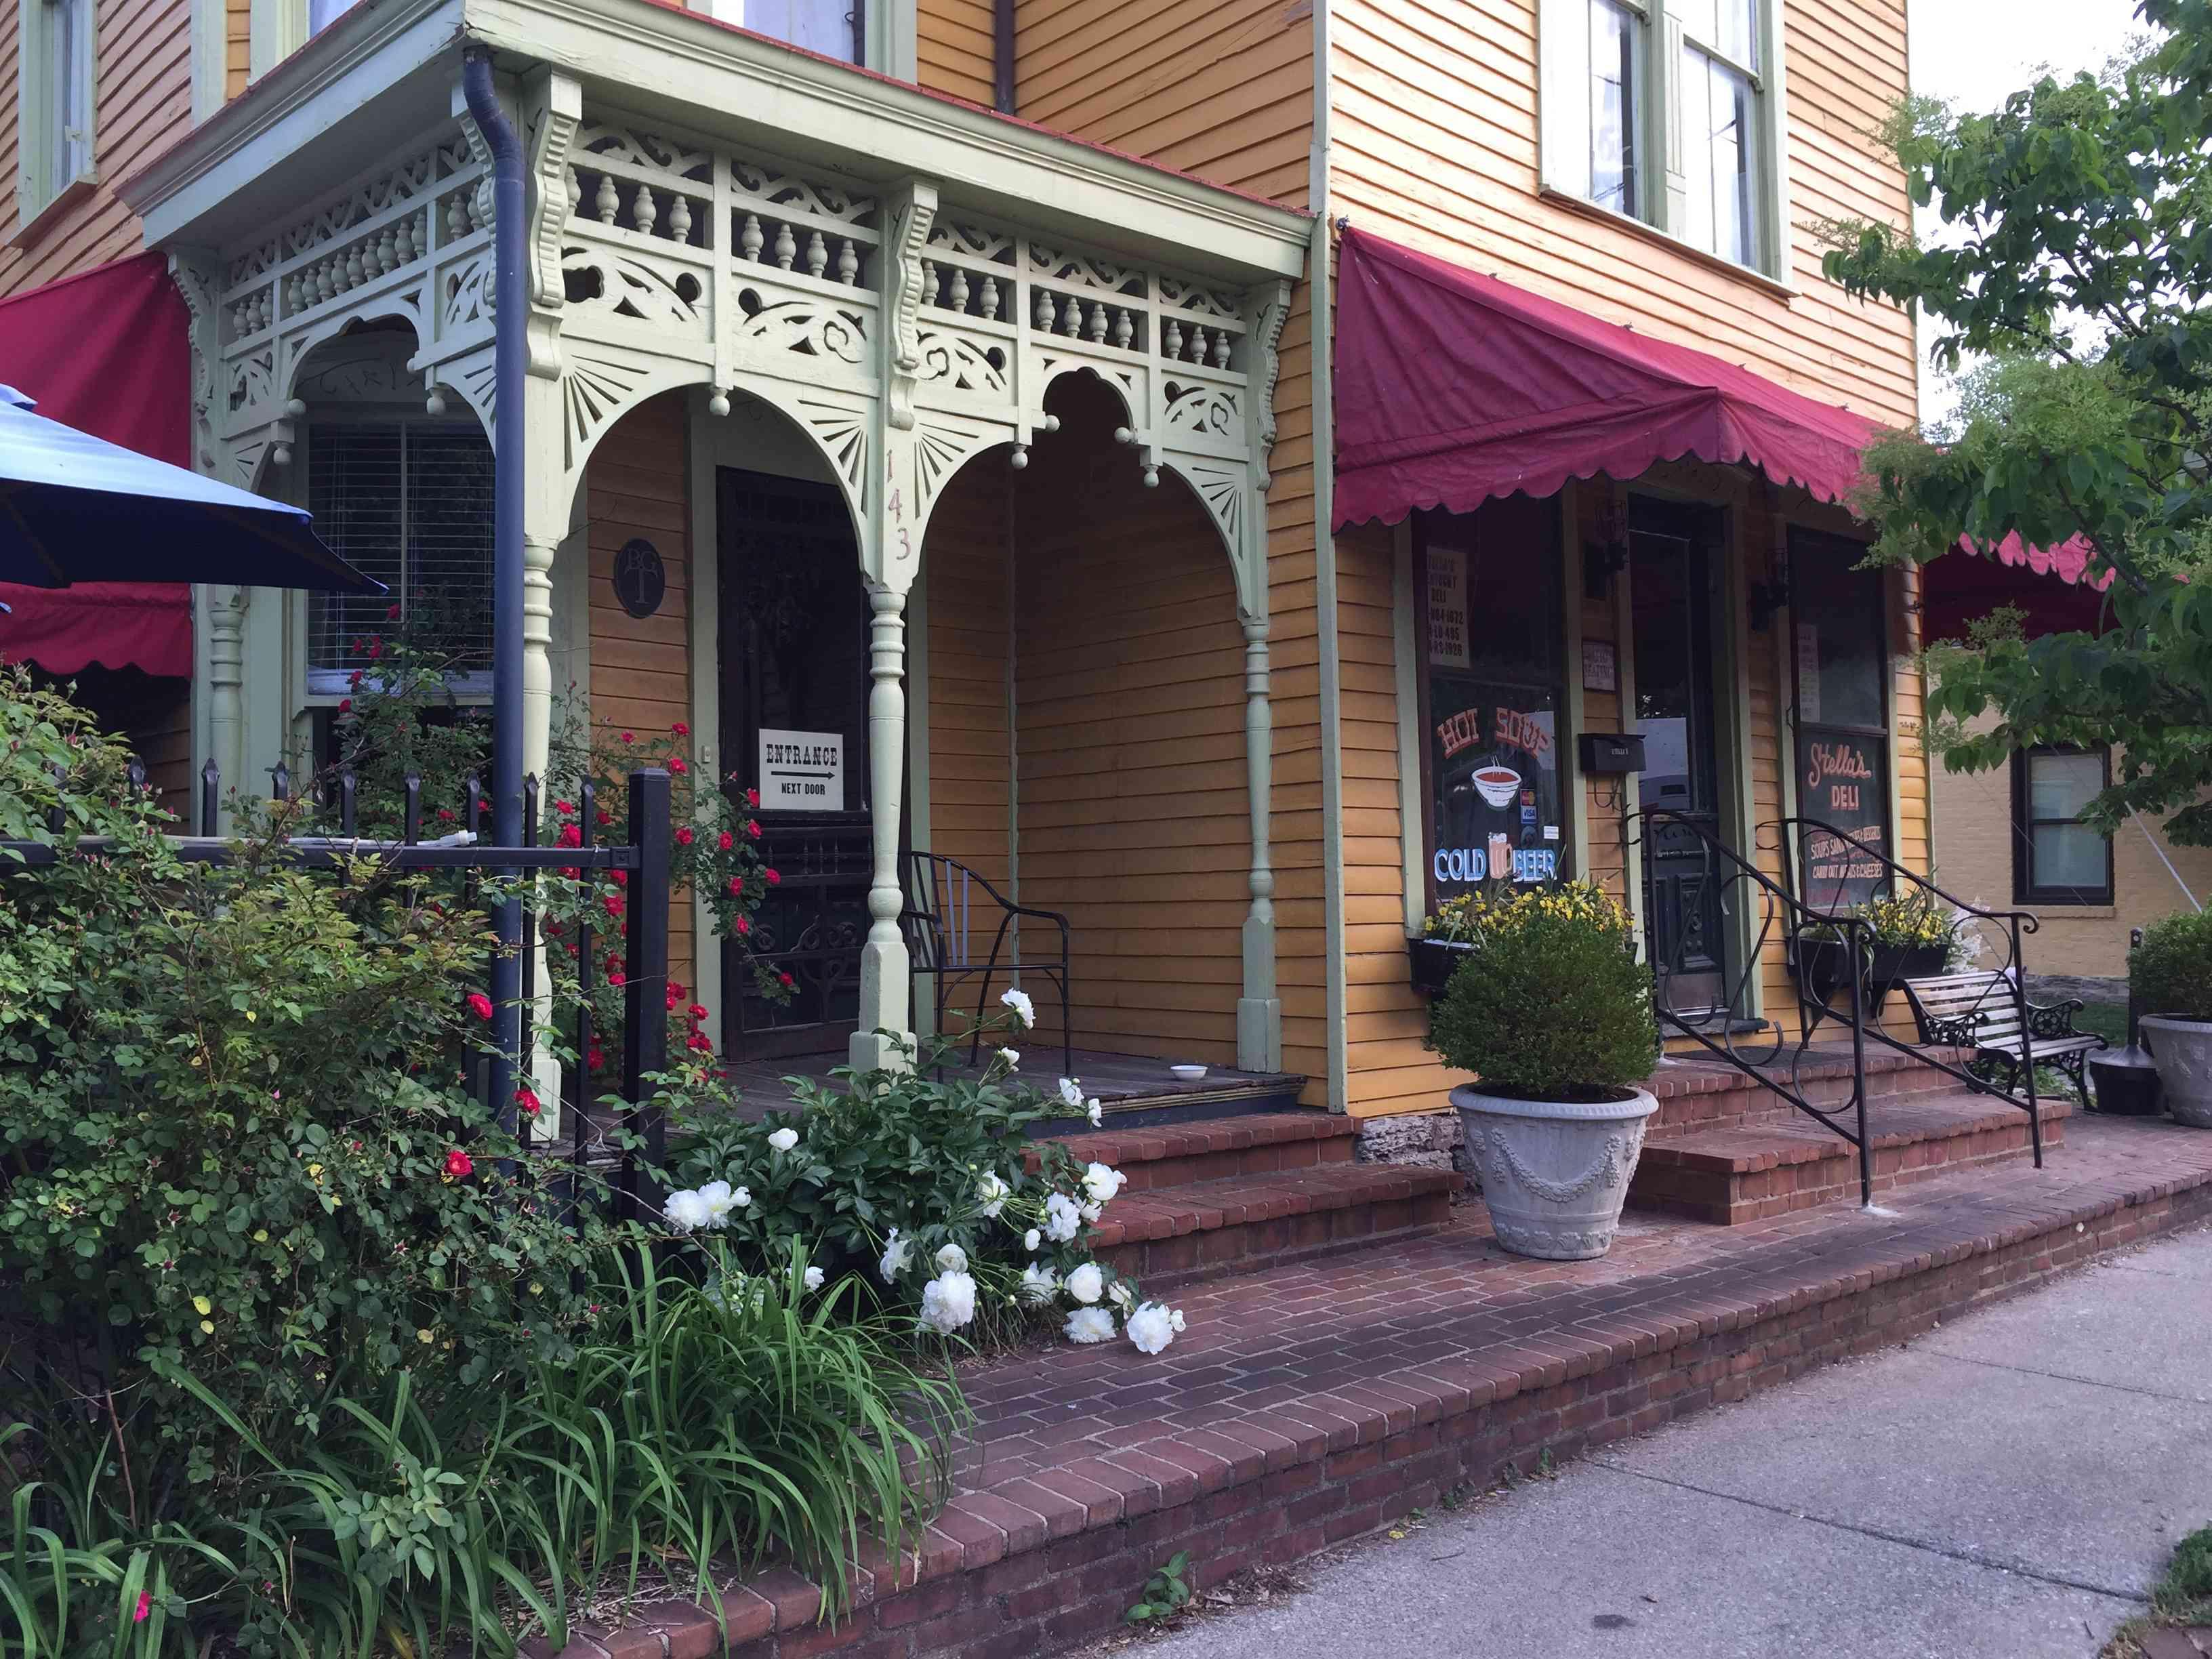 Outside of Stella's Kentucky Deli in Lexington